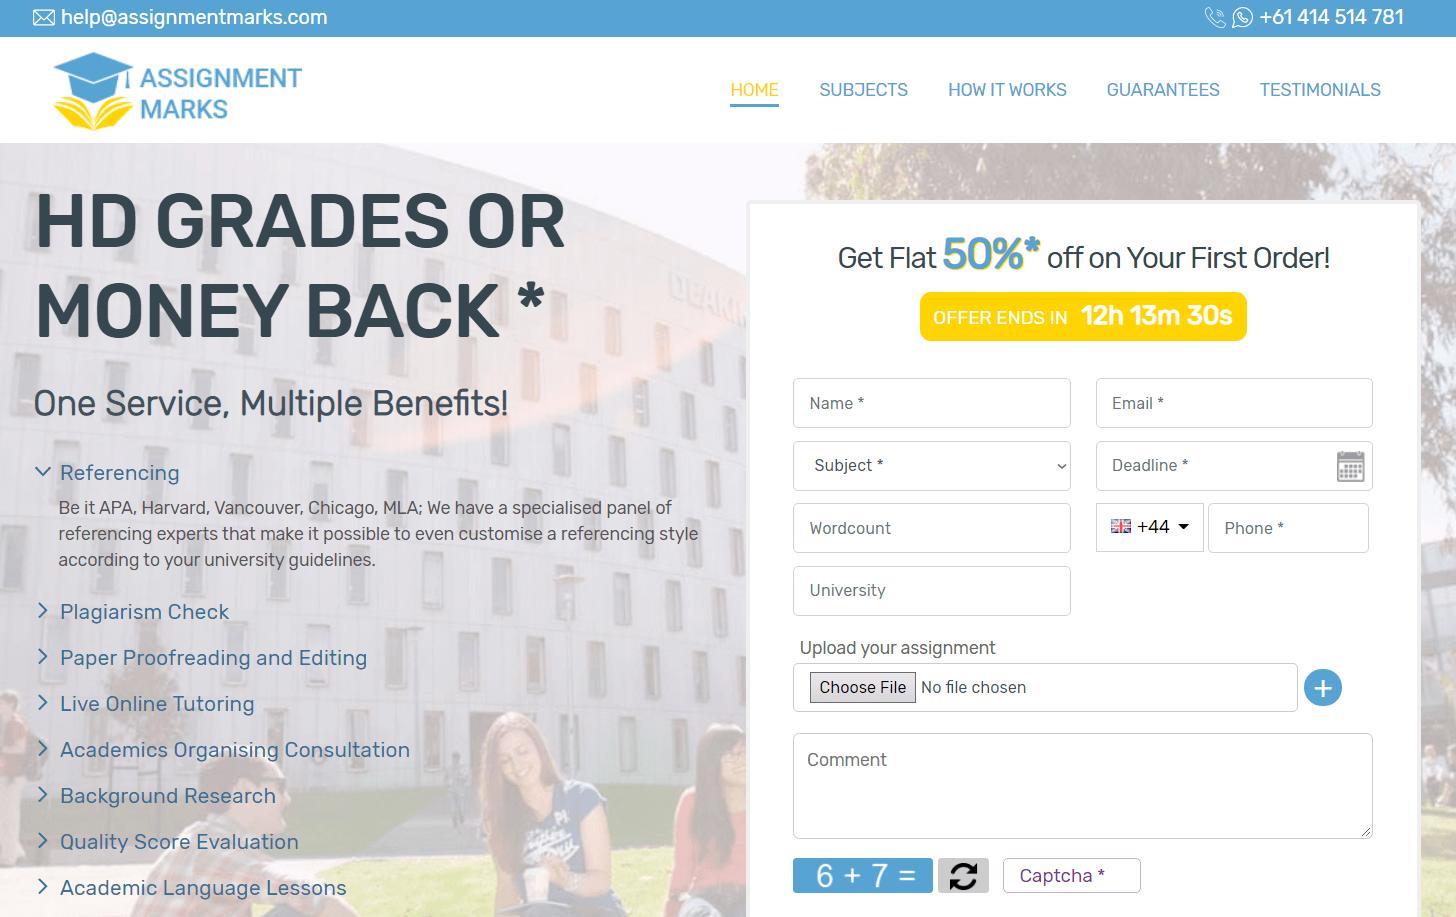 assignmentmarks.com